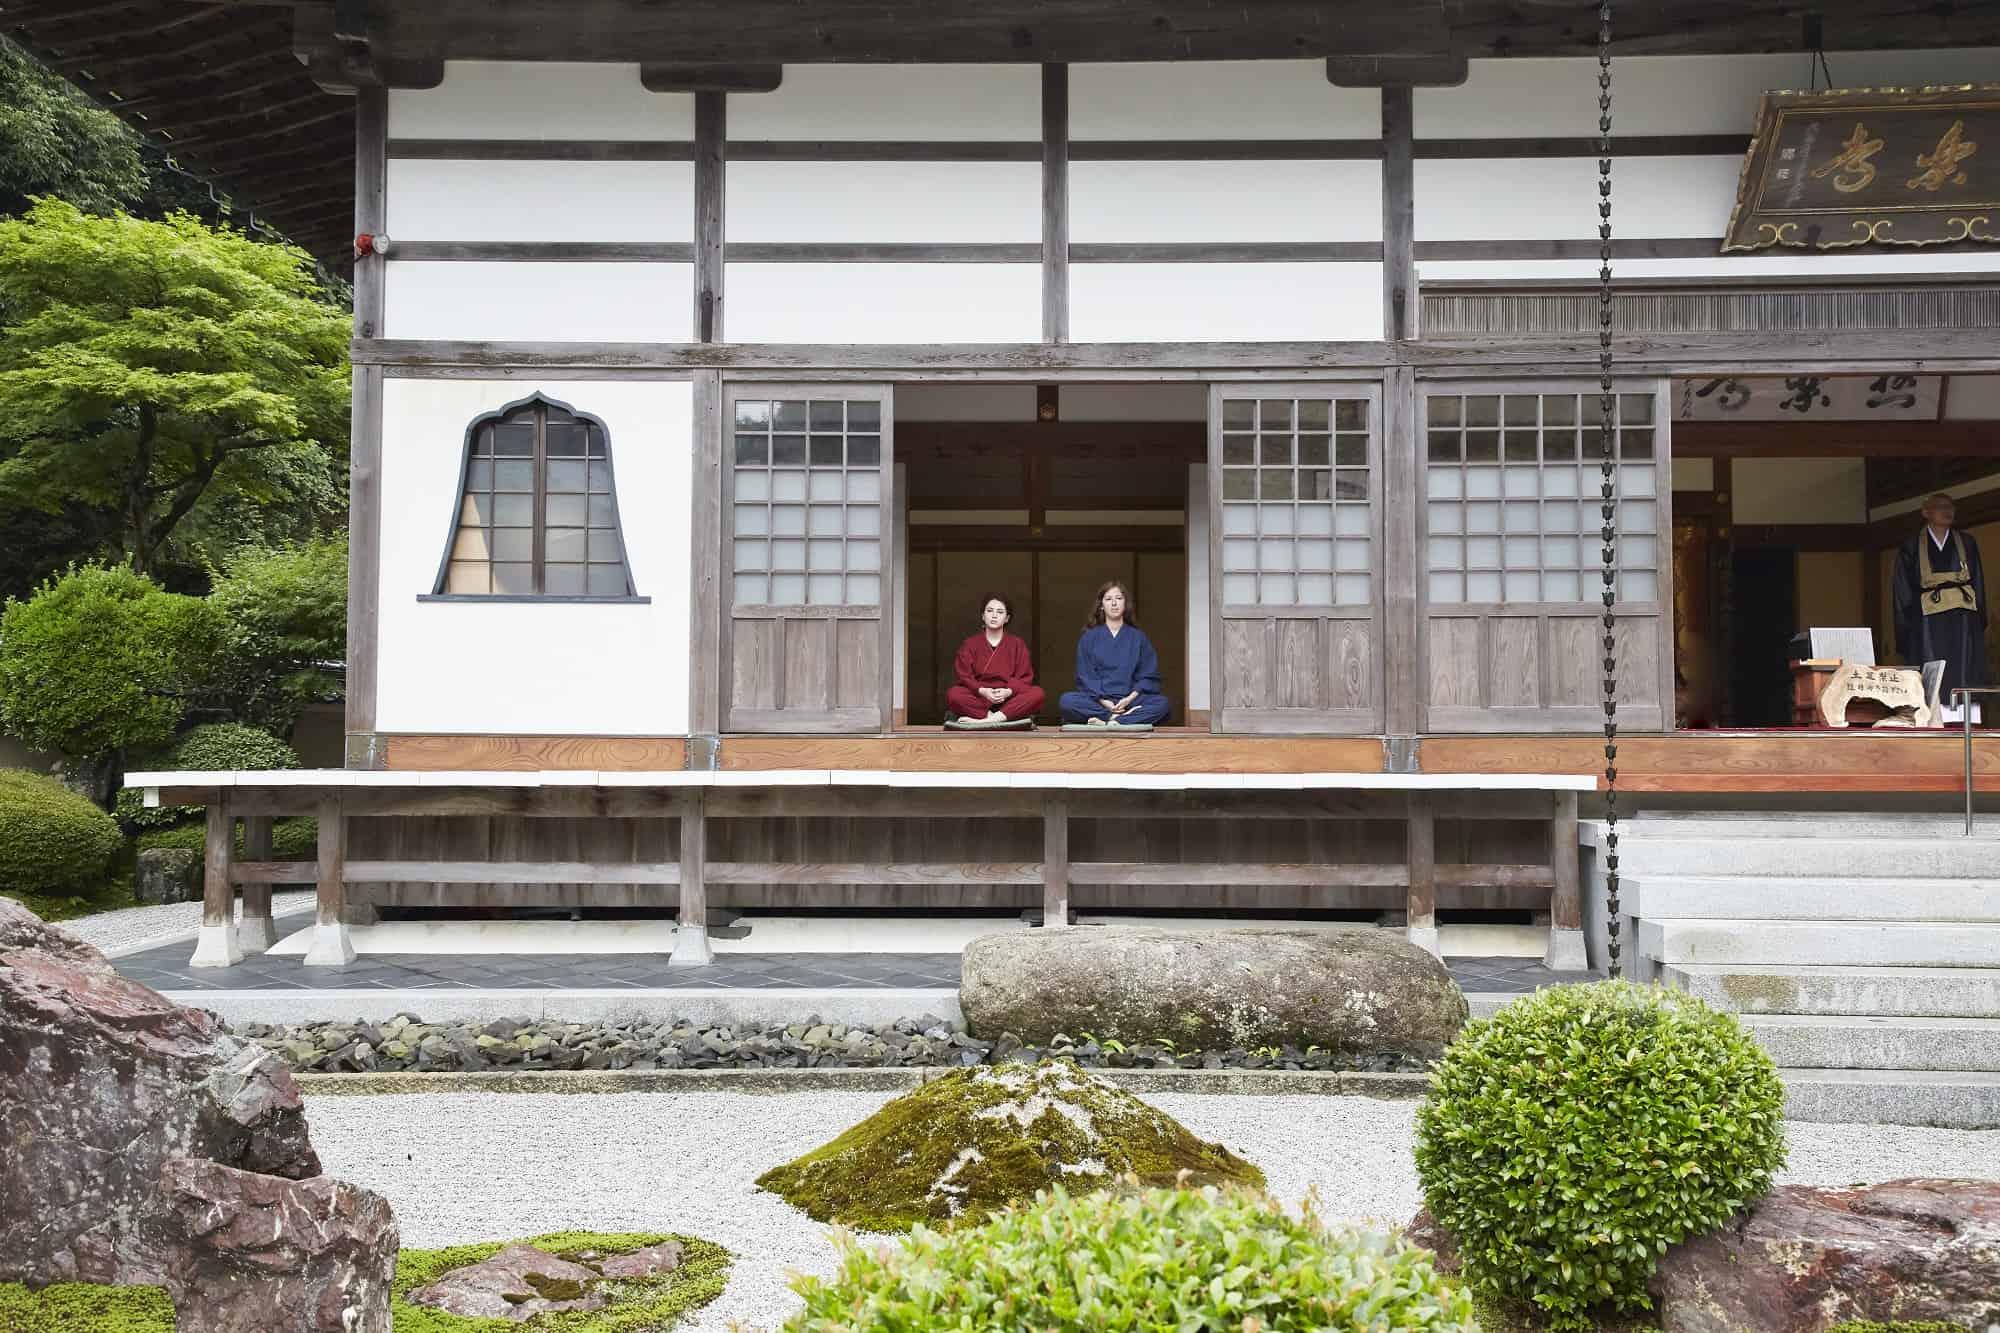 นั่งสมาธิแบบเซ็นที่วัดโกคุราคุจิ คิโนะซากิออนเซ็น